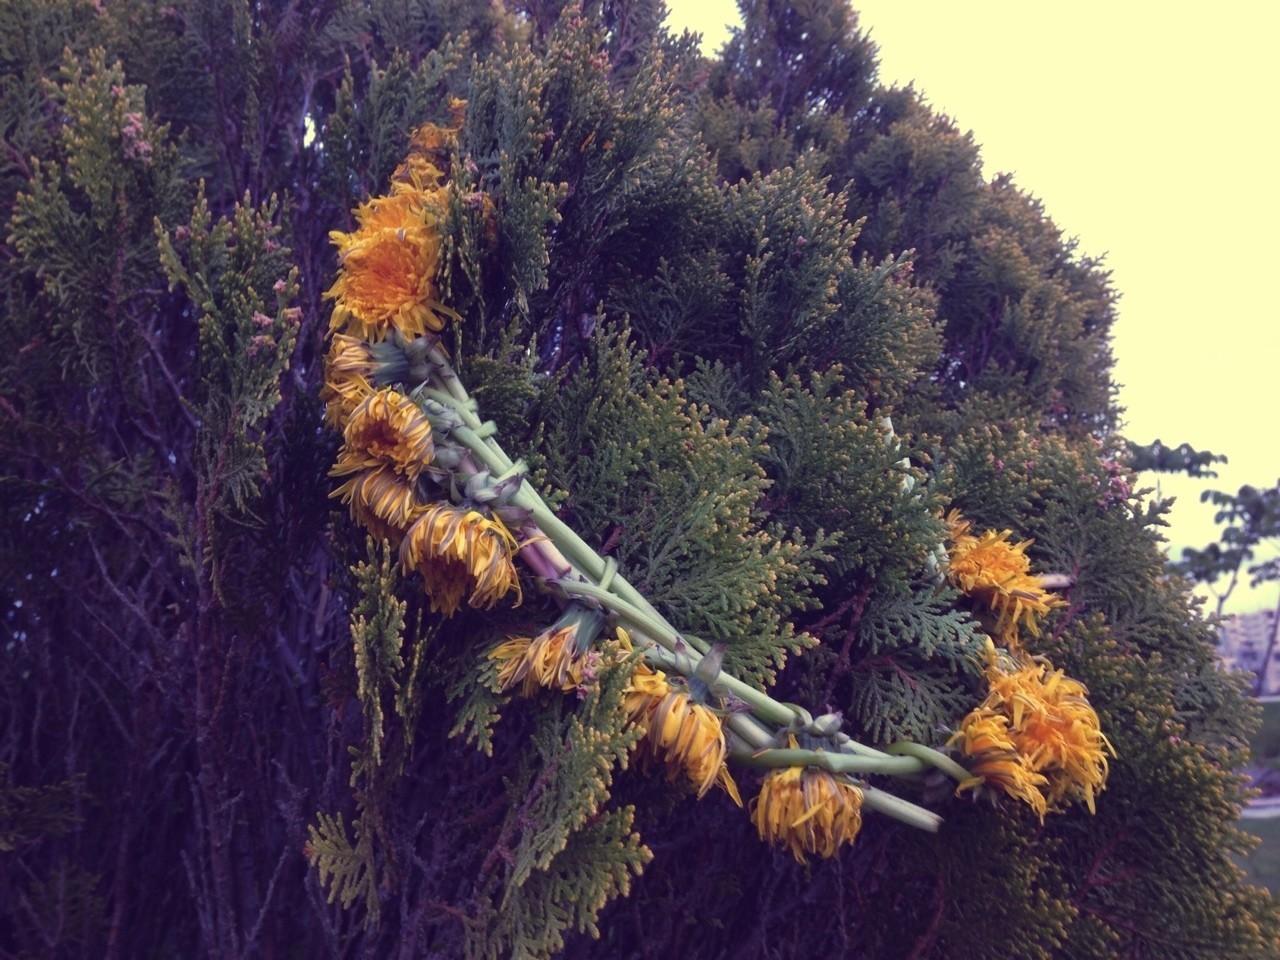 桜が咲いて間もない時期の春の日、 豊平川を歩いていると、低木に誰かが作った花の冠が捨てられているのを見つけた。